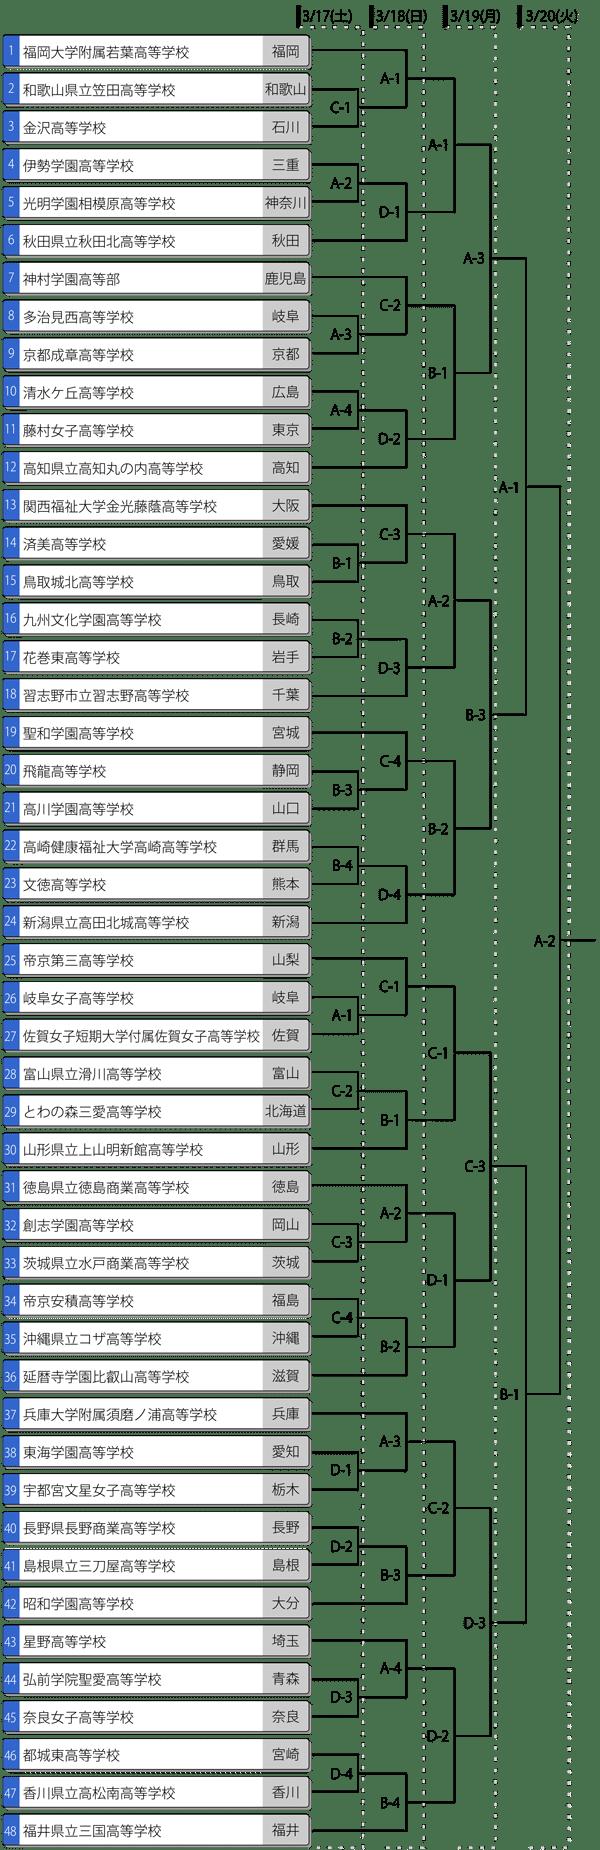 第36回全国高等学校女子ソフトボール選抜大会トーナメント表